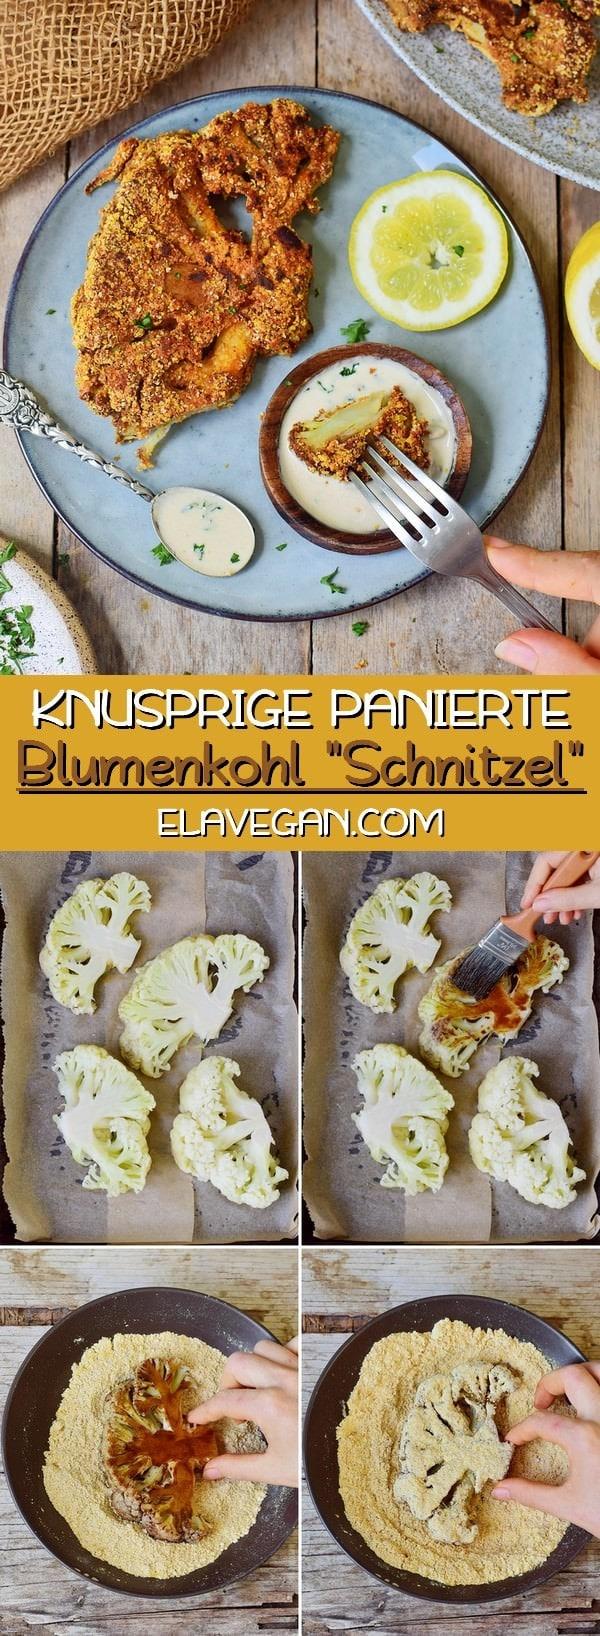 Knusprige panierte Blumenkohl Schnitzel vegan glutenfrei